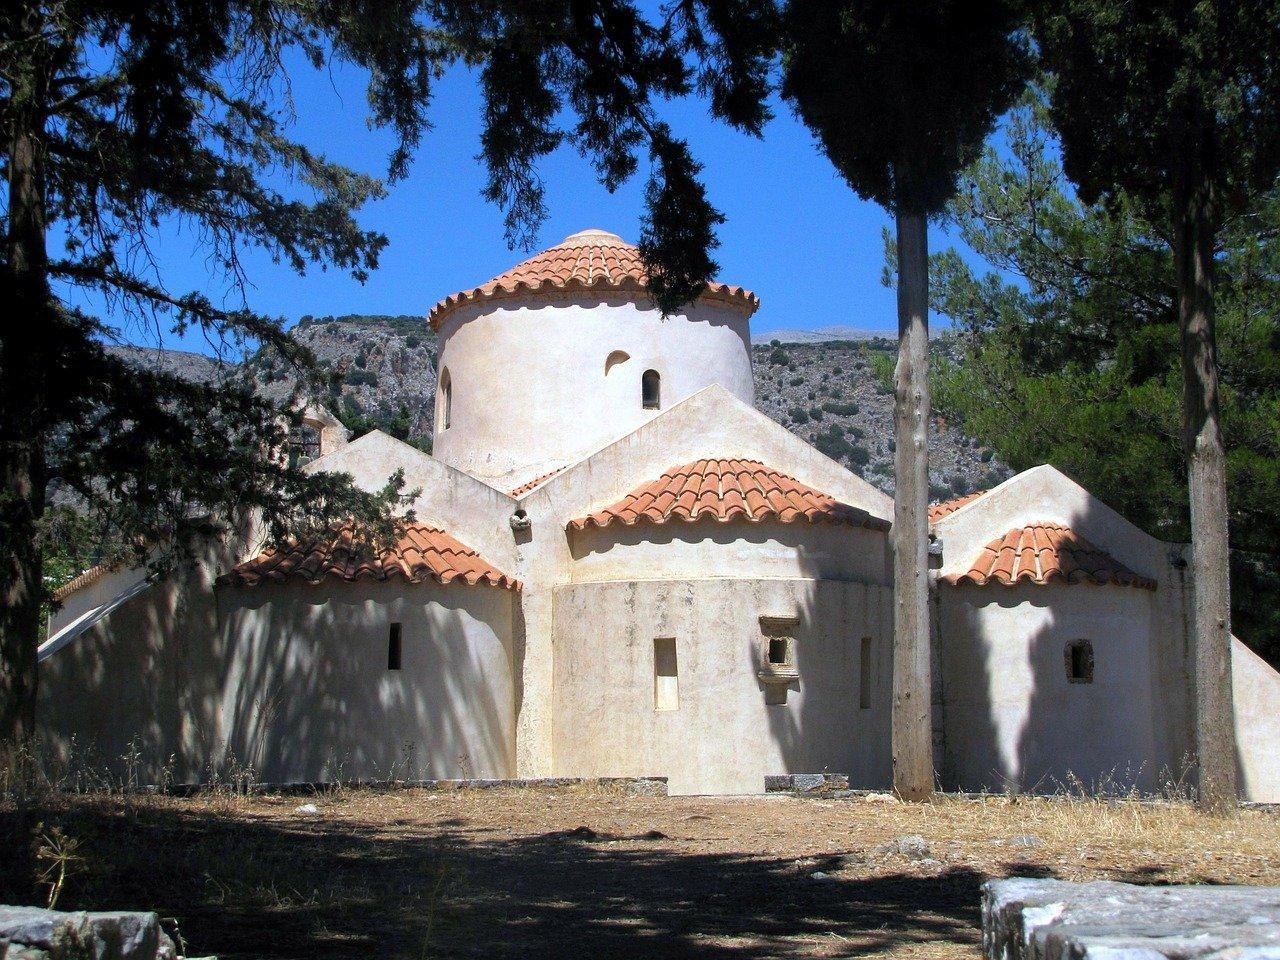 Photographie de l'église de Panagia Kera en Crète